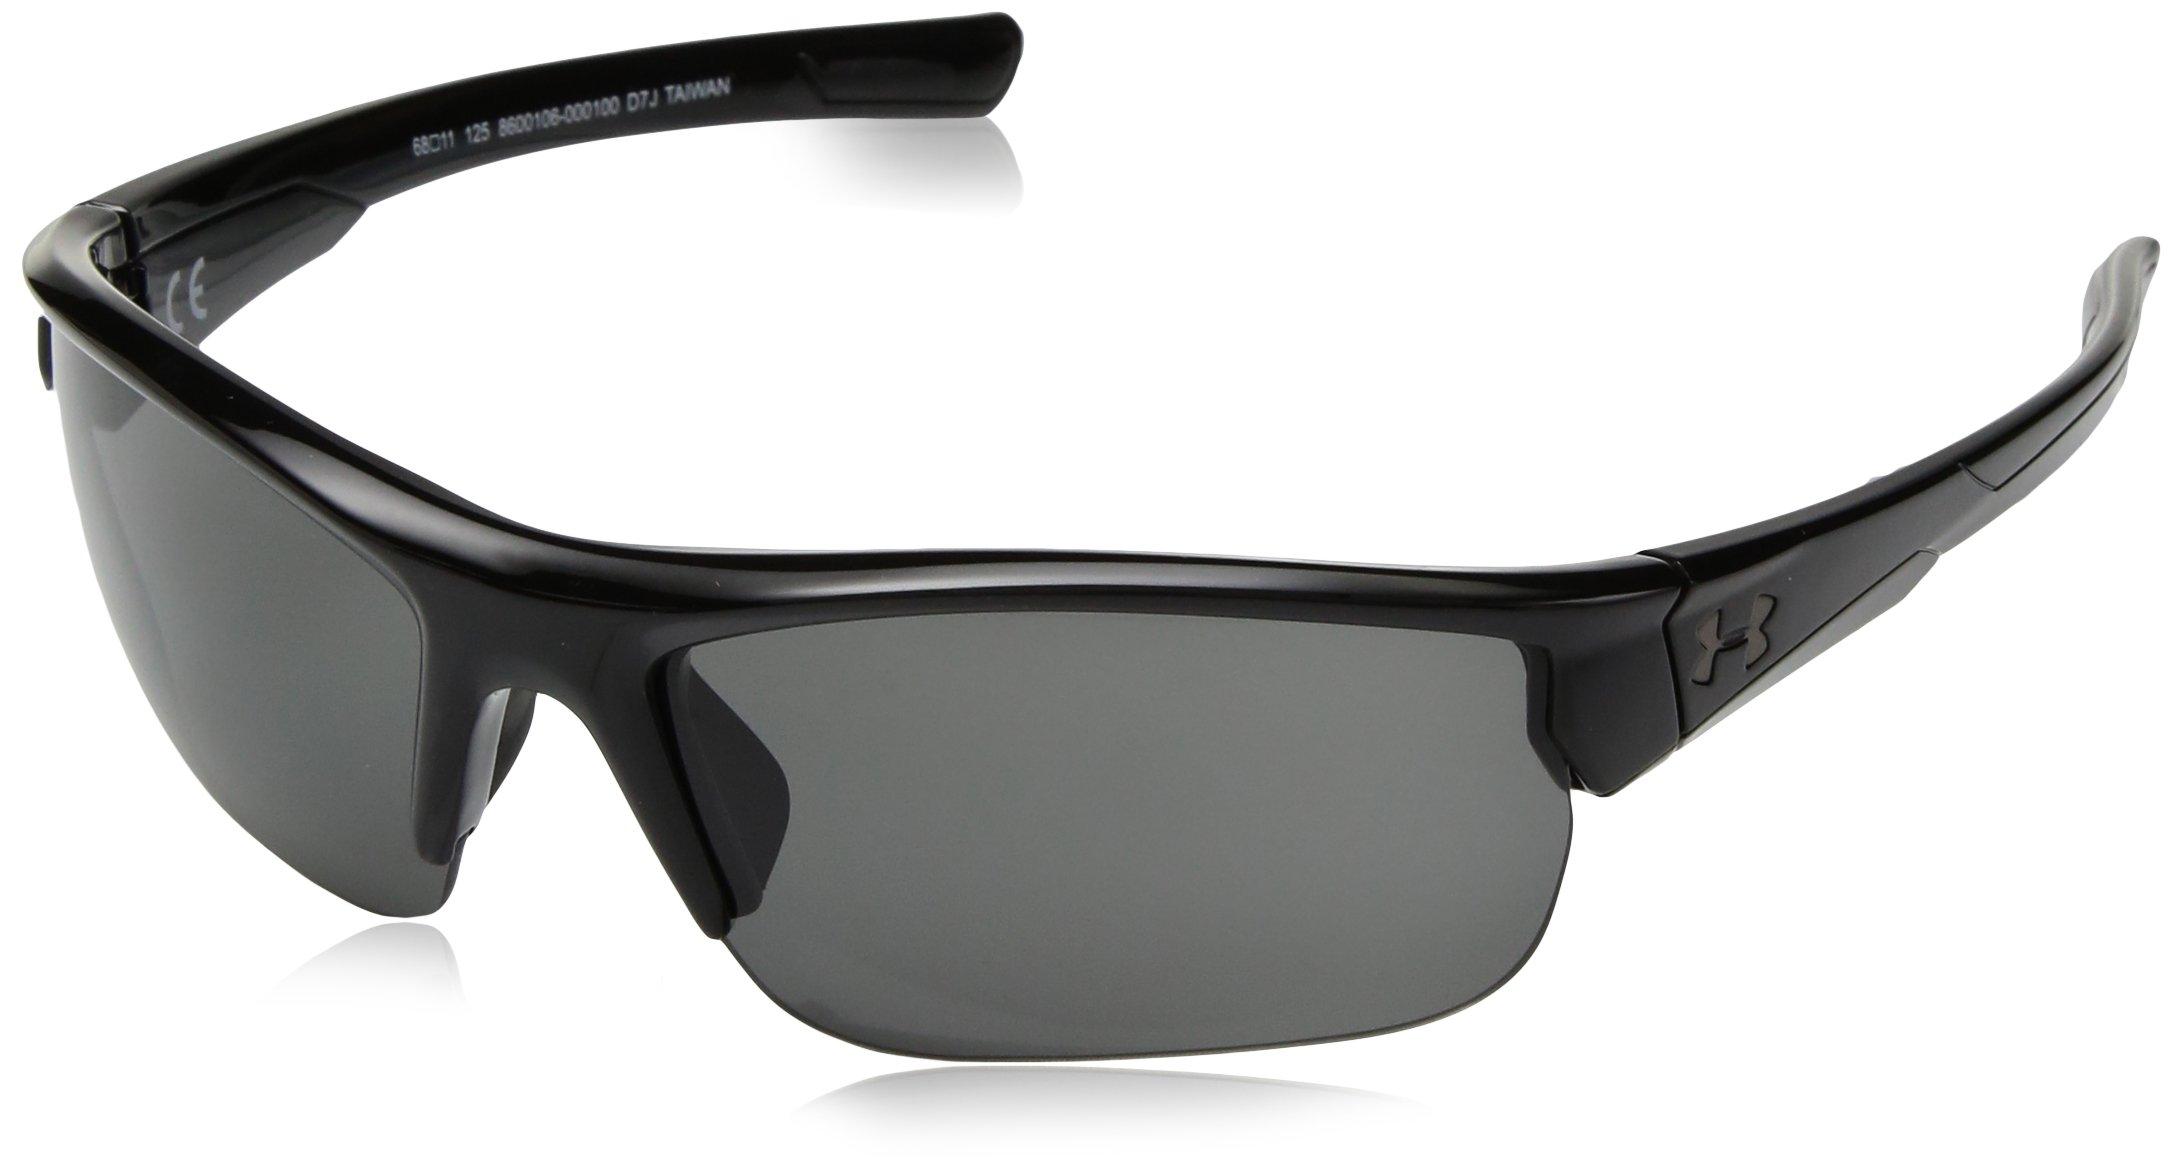 Under Armour UA Propel Wrap Sunglasses, UA Propel Shiny Black / Black Frame / Gray Lens, 68mm by Under Armour